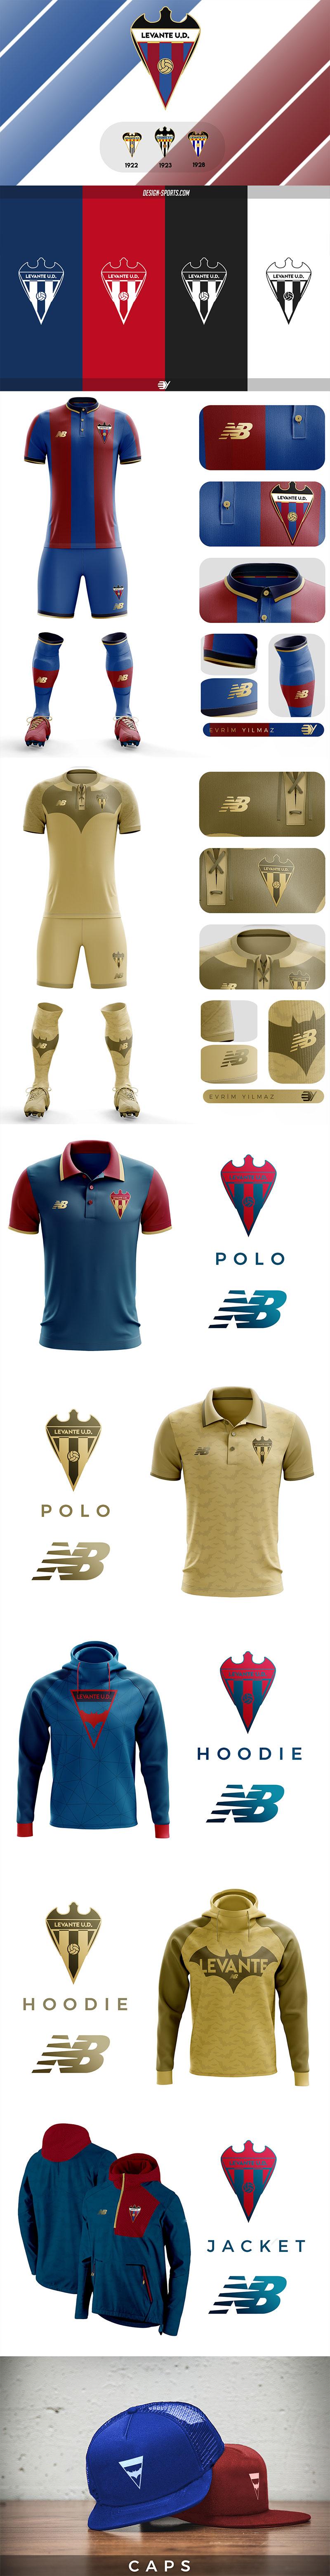 Diseños de marca de clubes de fútbol: Levante UD Rebranding por Evrim Yilmaz